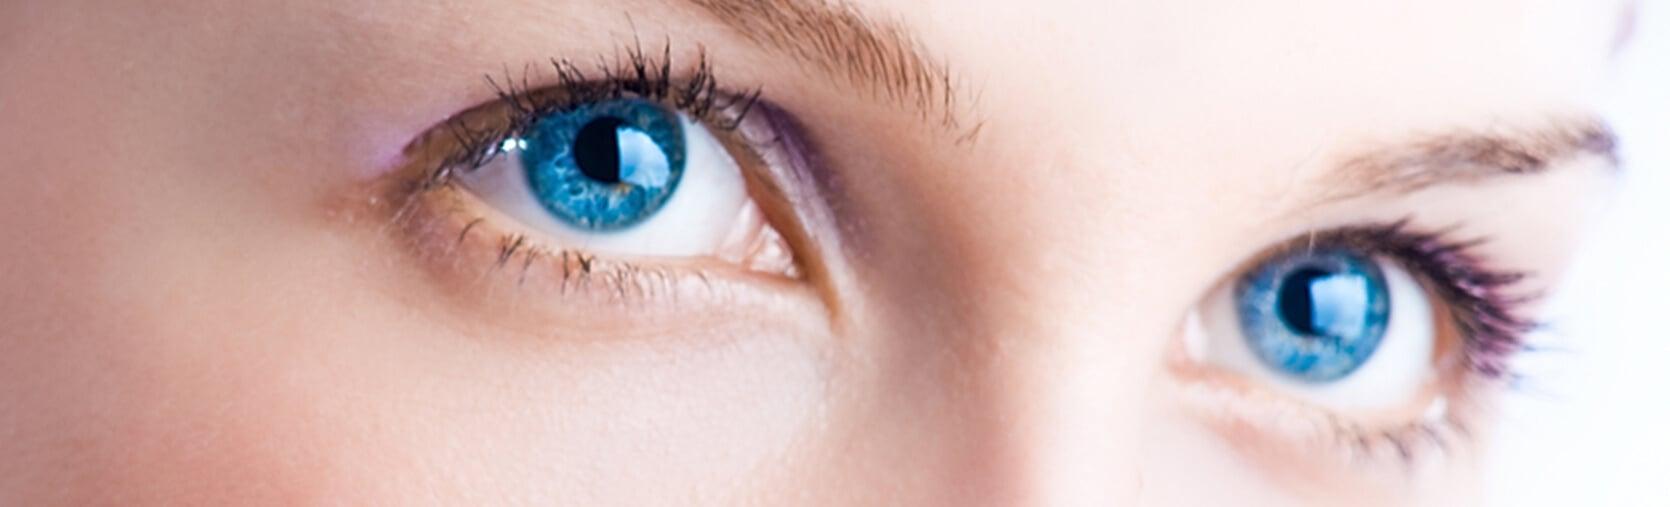 Kleurlenzen Kruidvat.Blauwe Lenzen Vision Direct